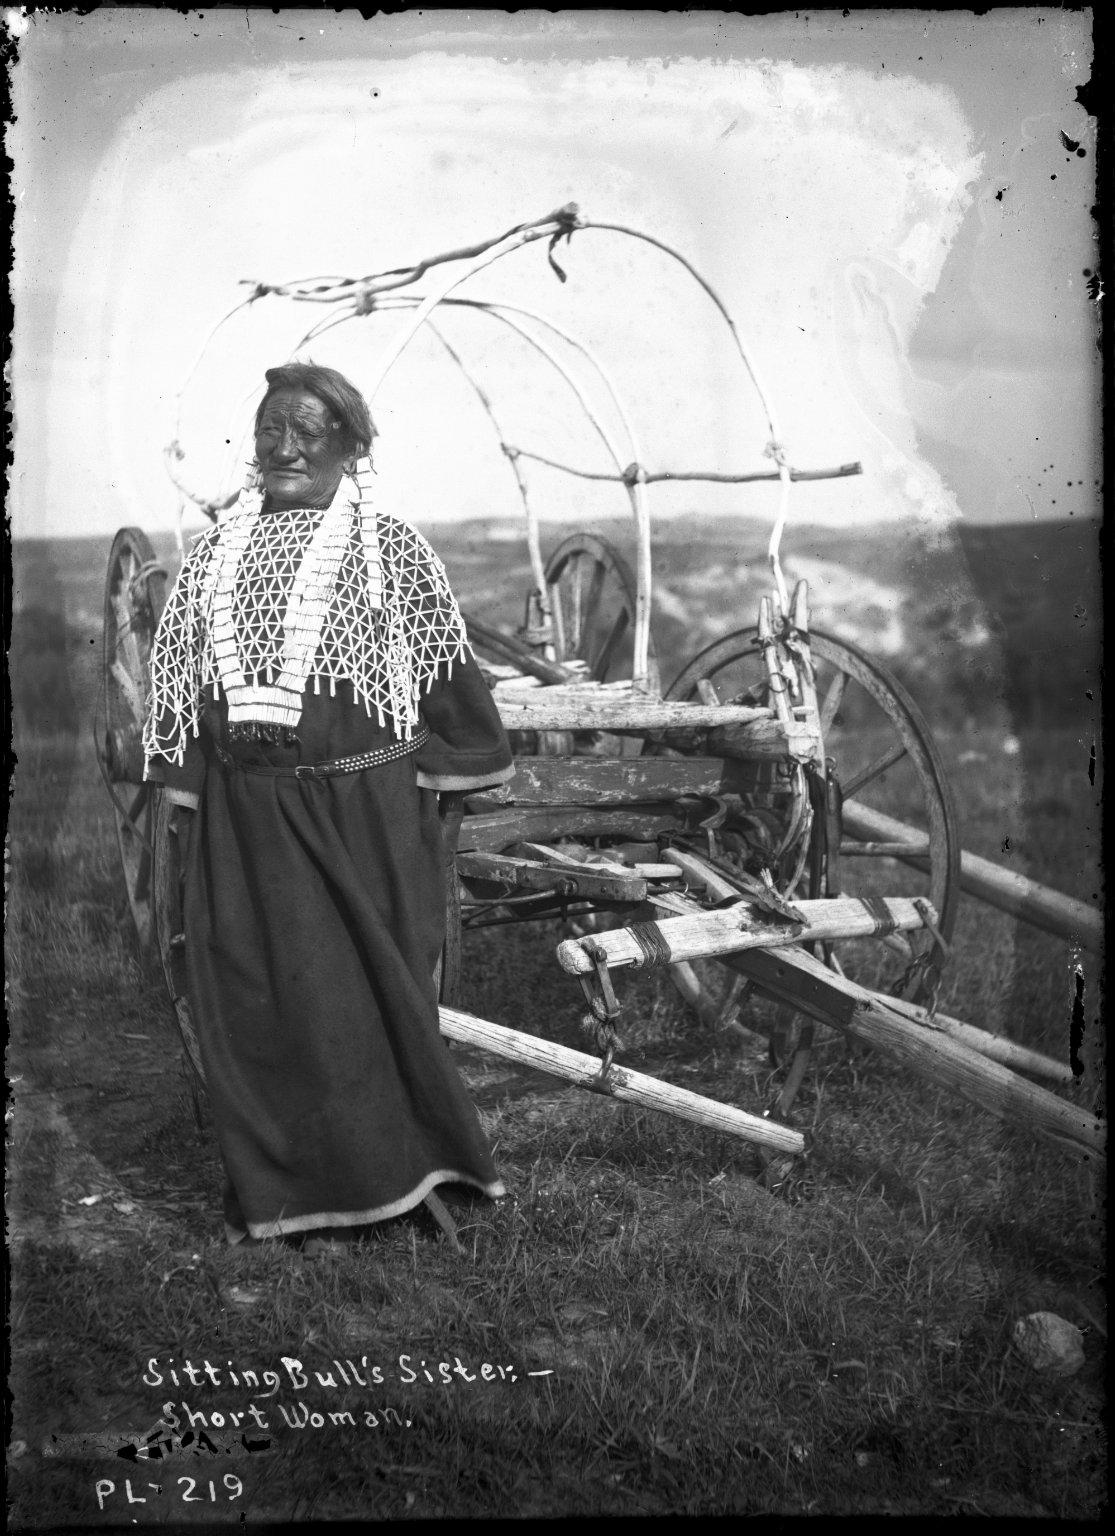 Sitting Bull's sister